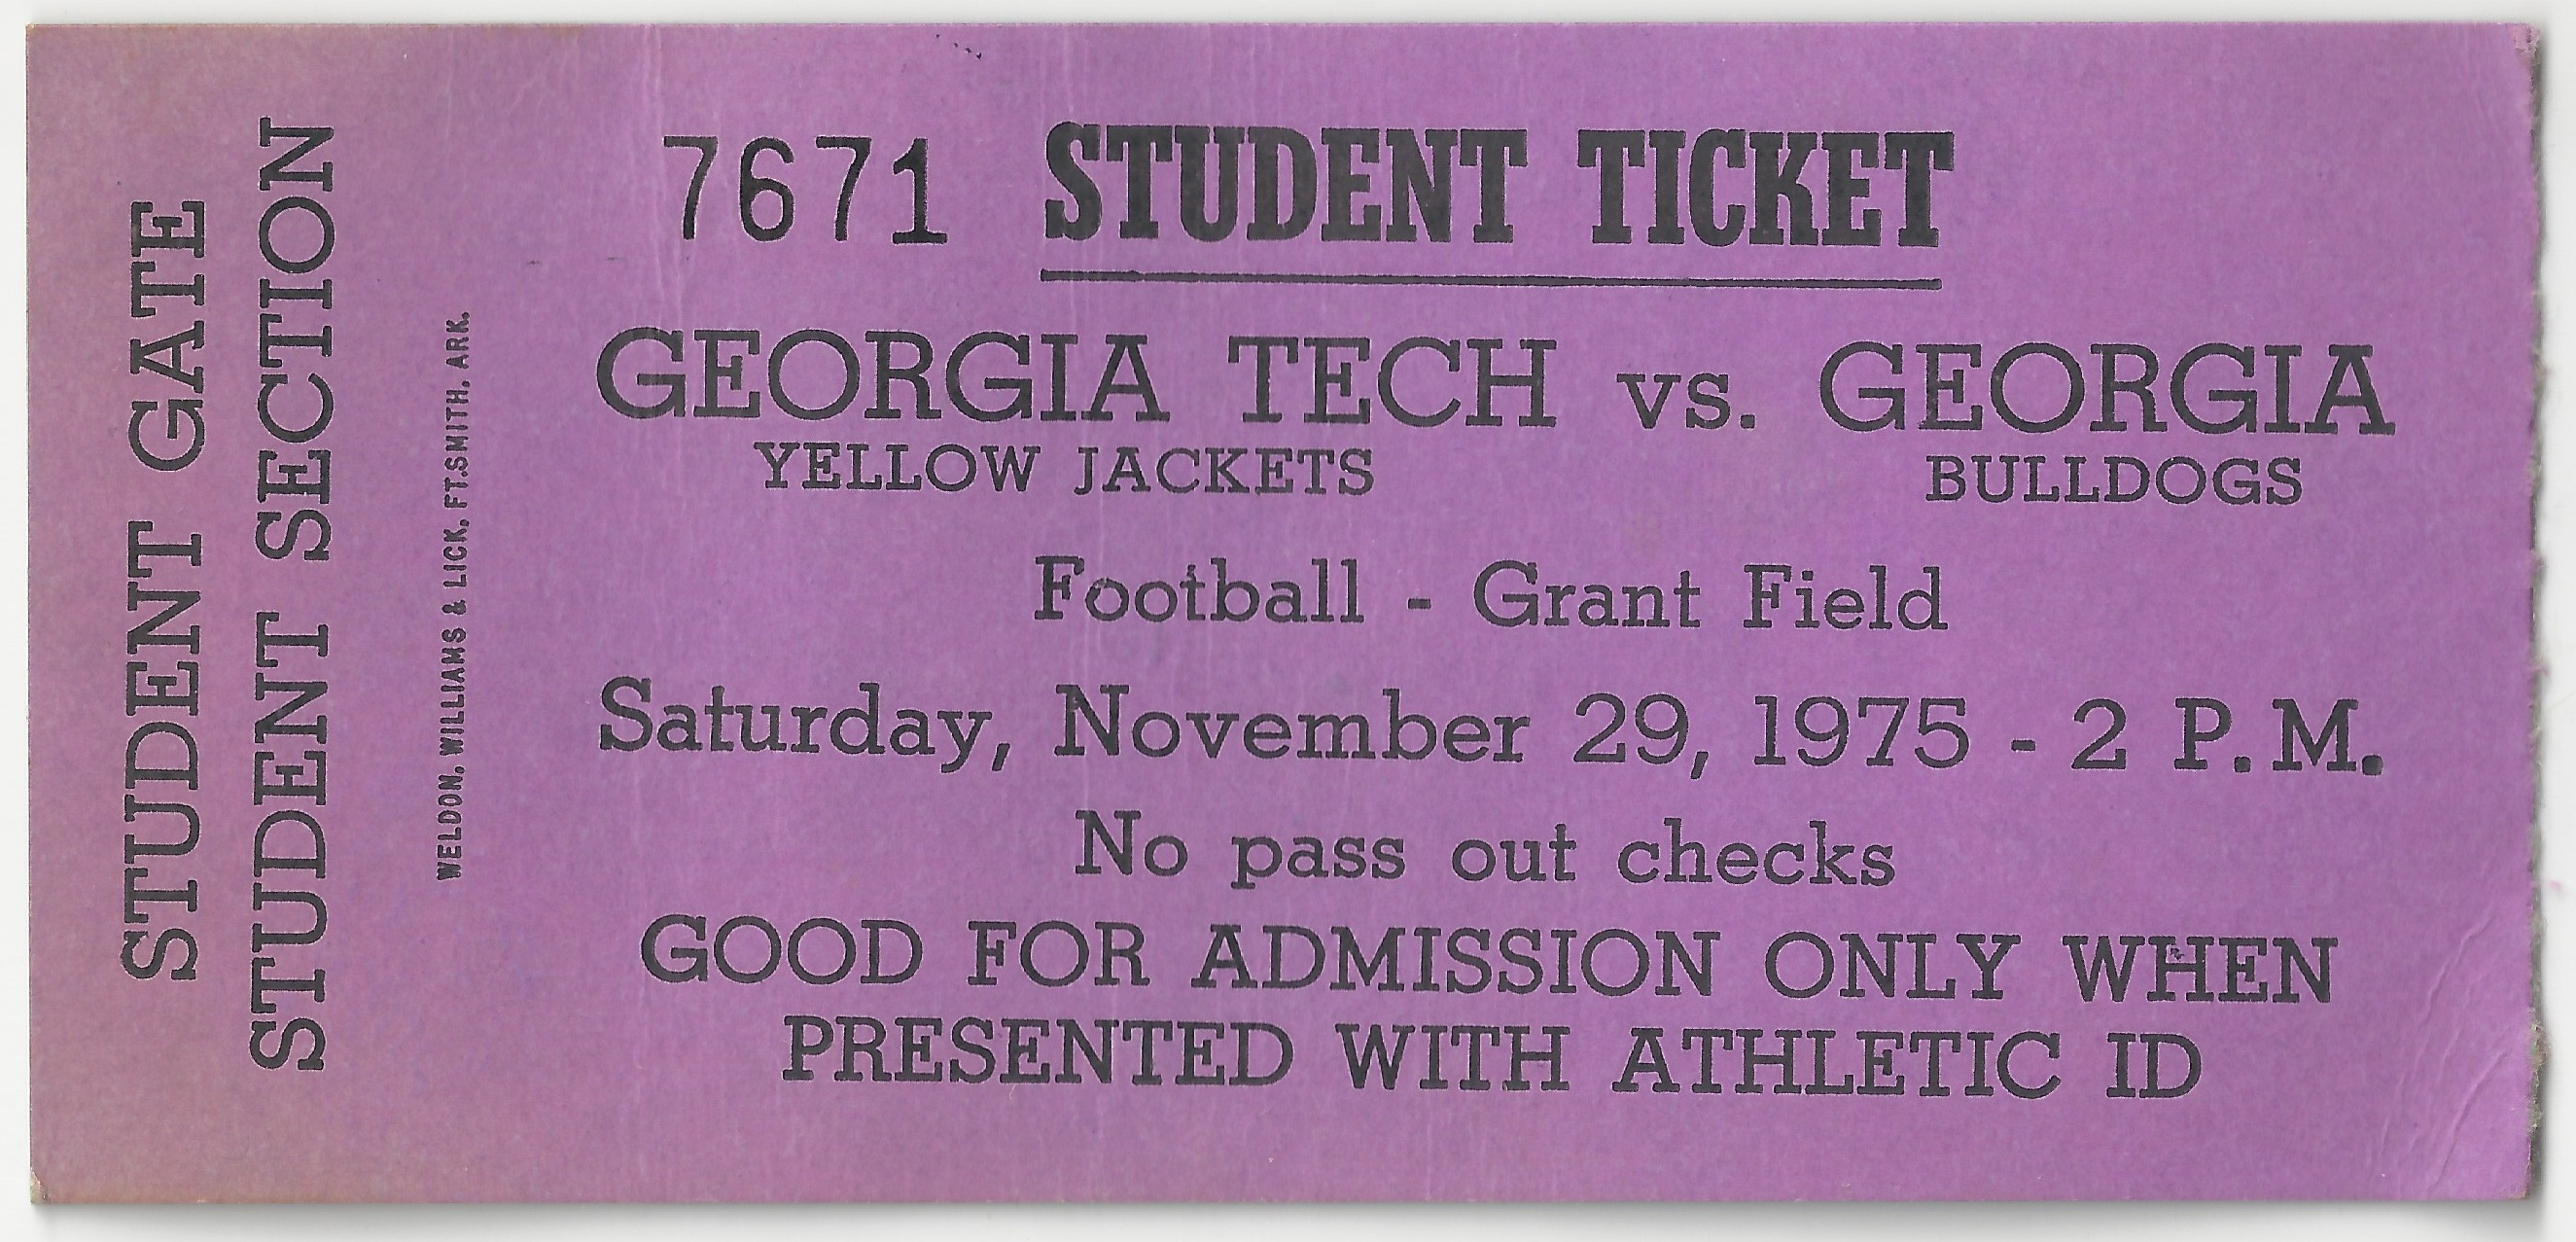 1975-11-29 - Georgia Tech vs. Georgia - Student 2